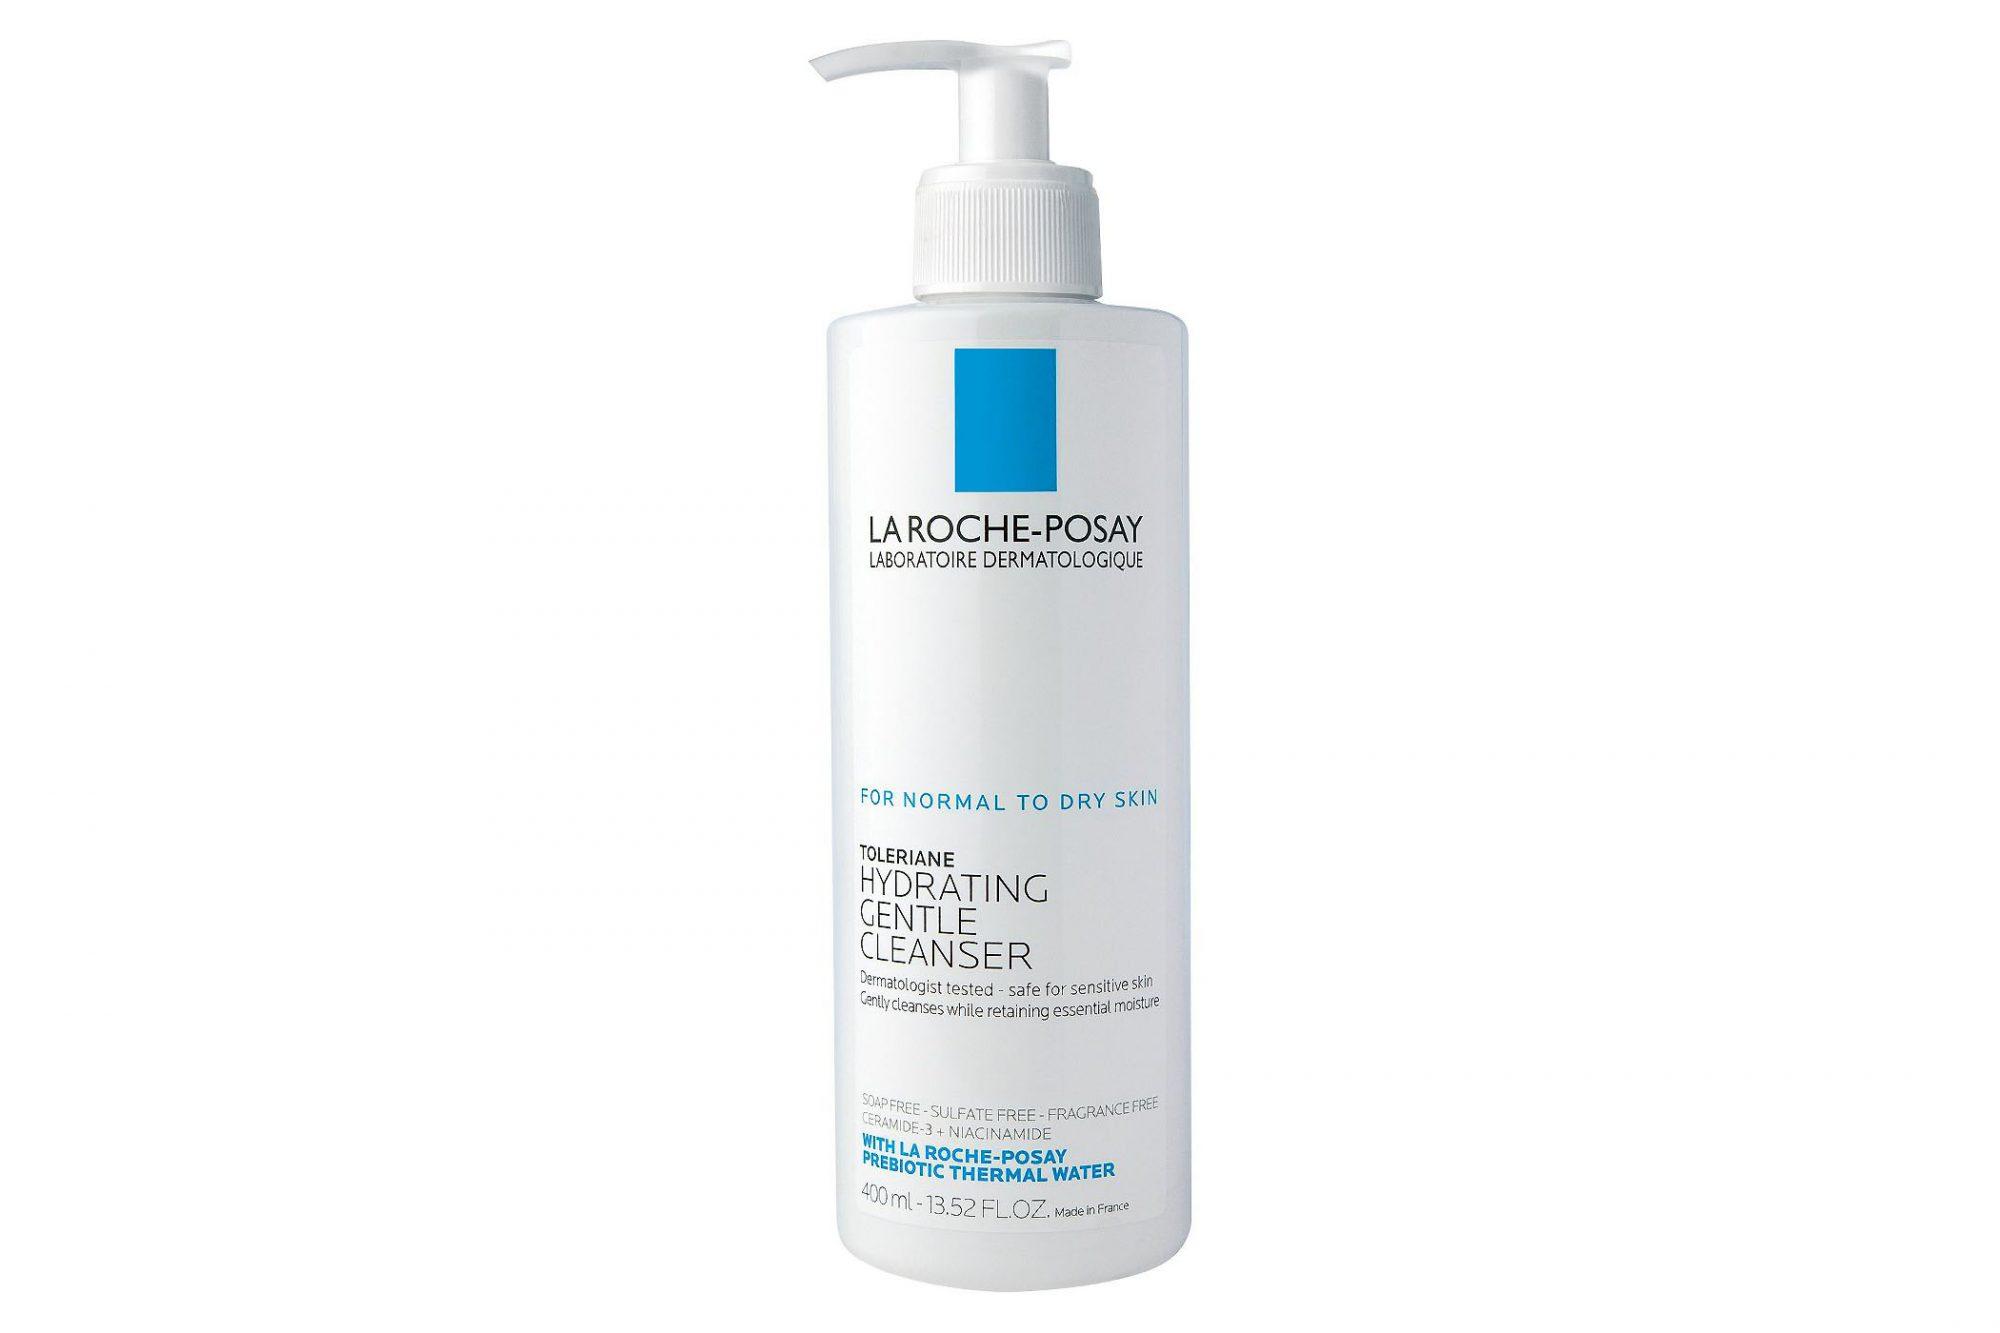 dehydrated-skin-cleanser-la-roche-posay